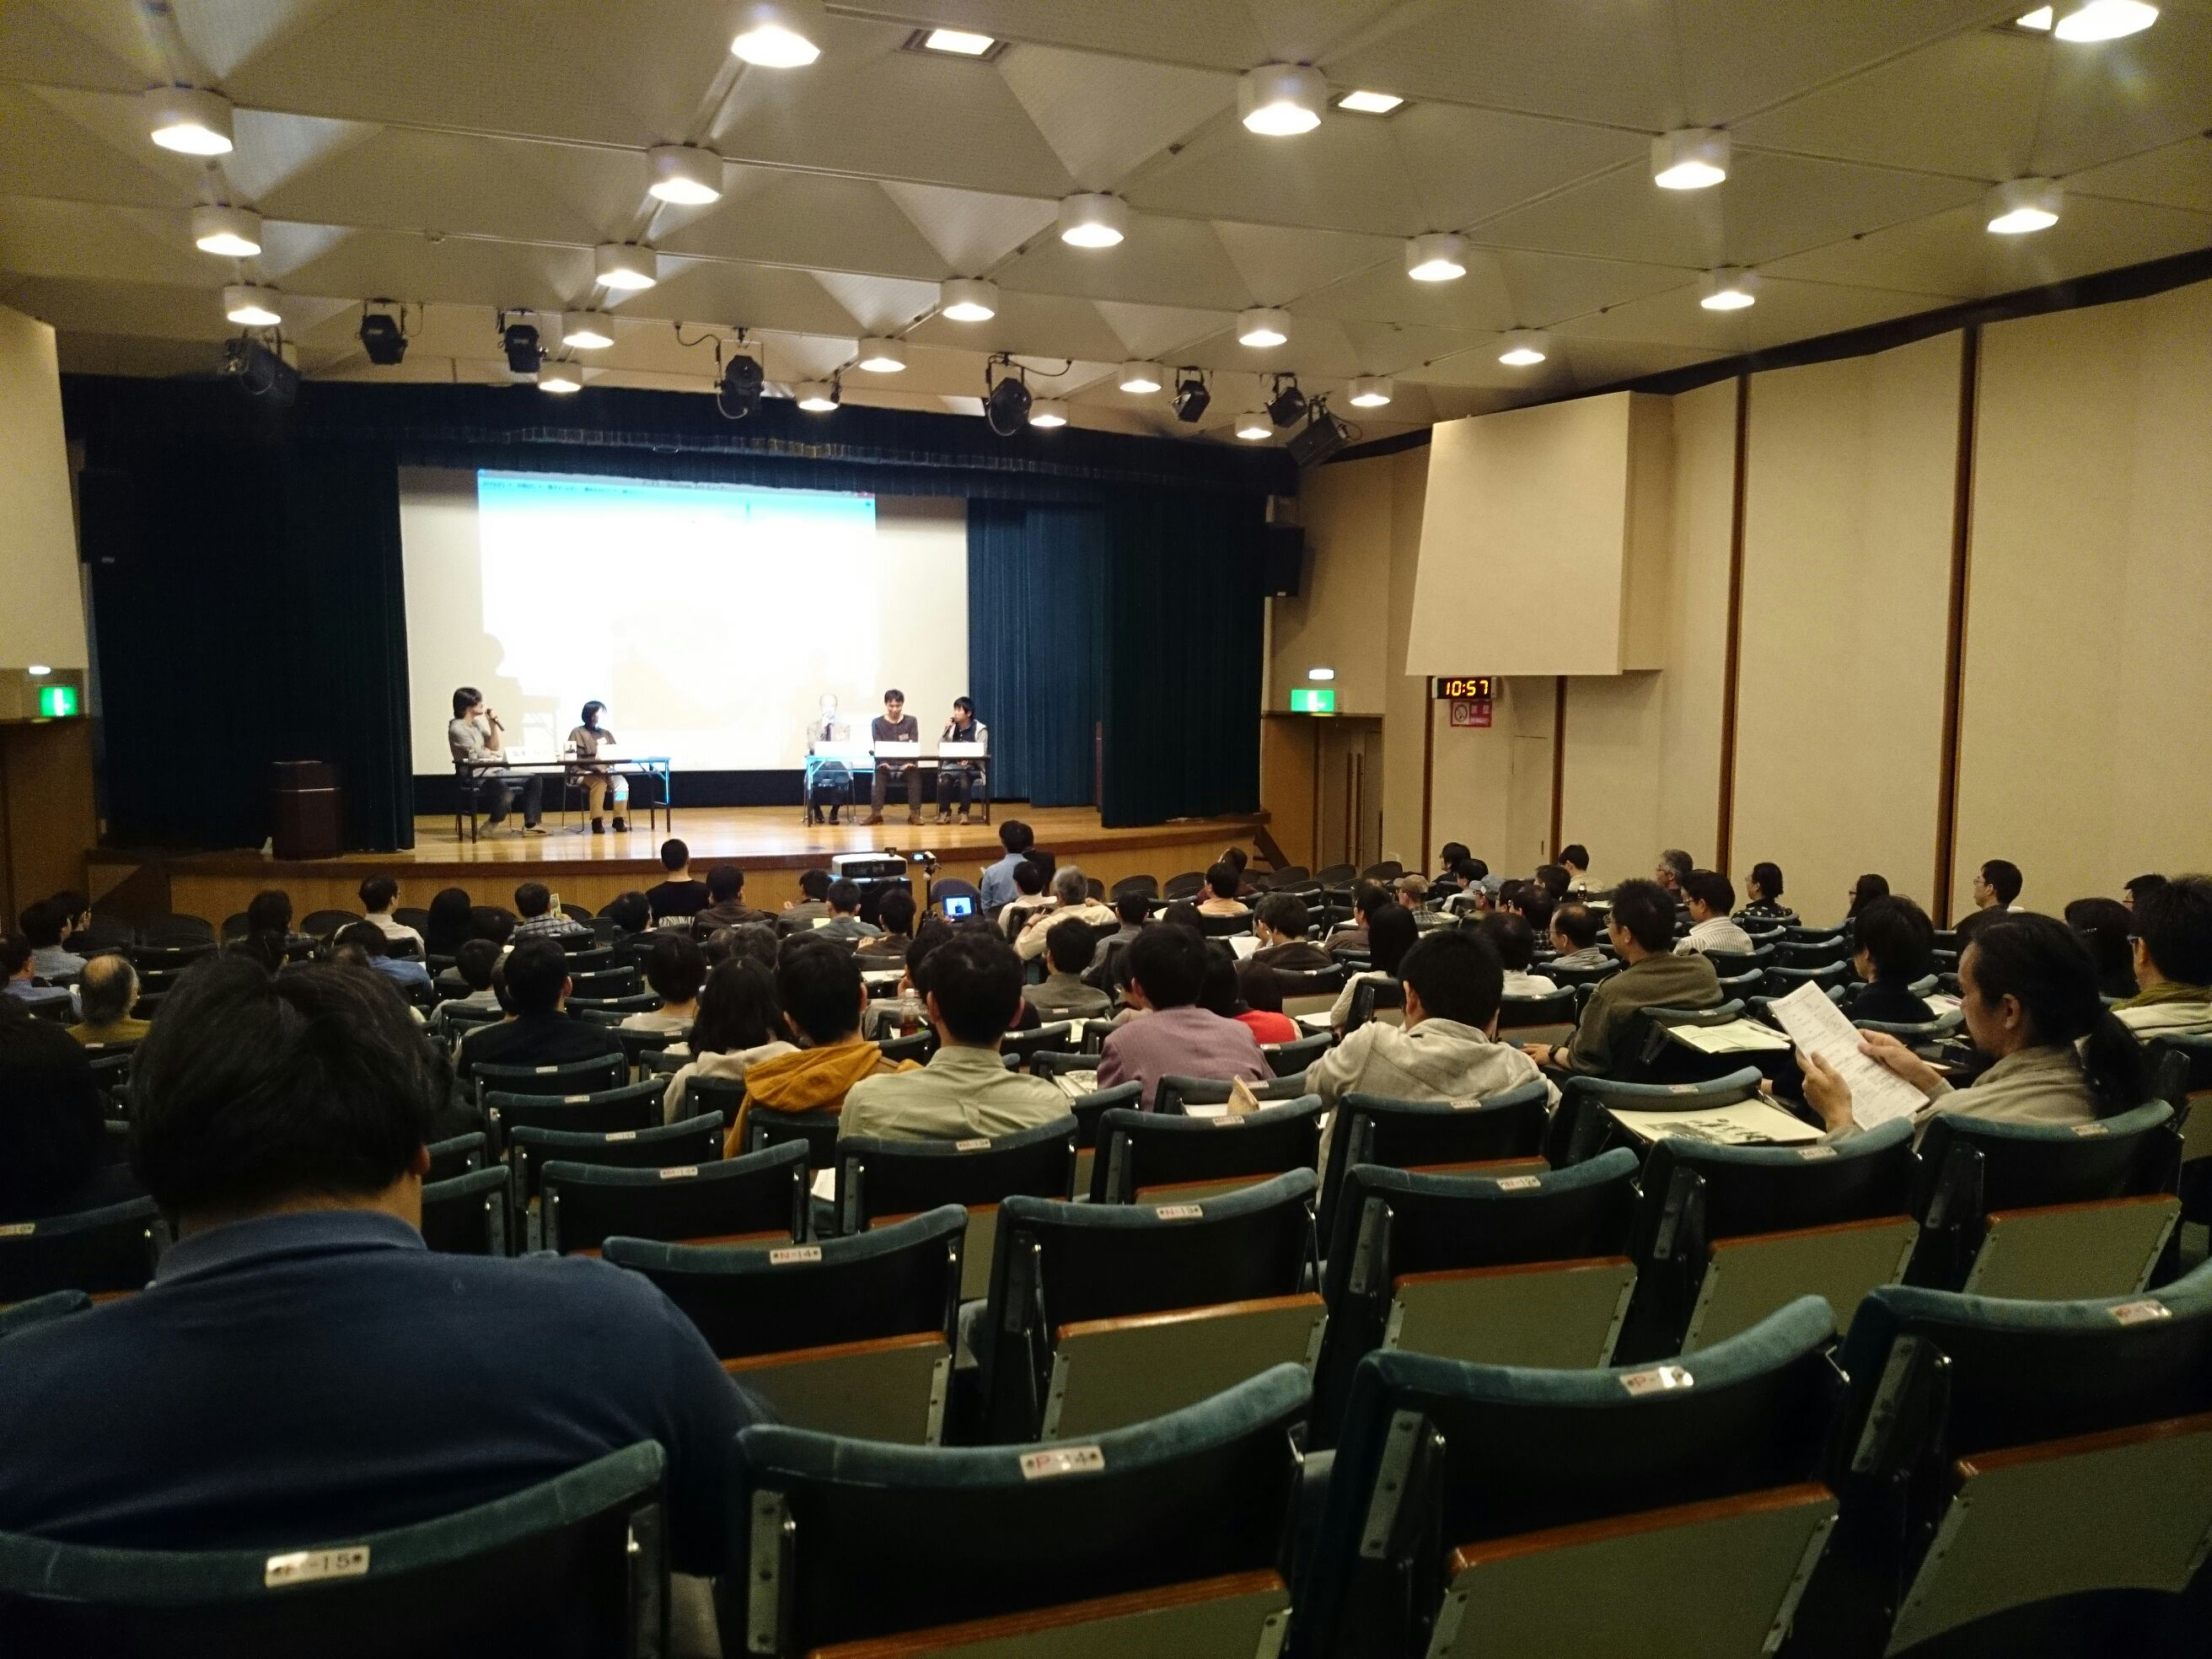 【SF】SFセミナー、開催中。